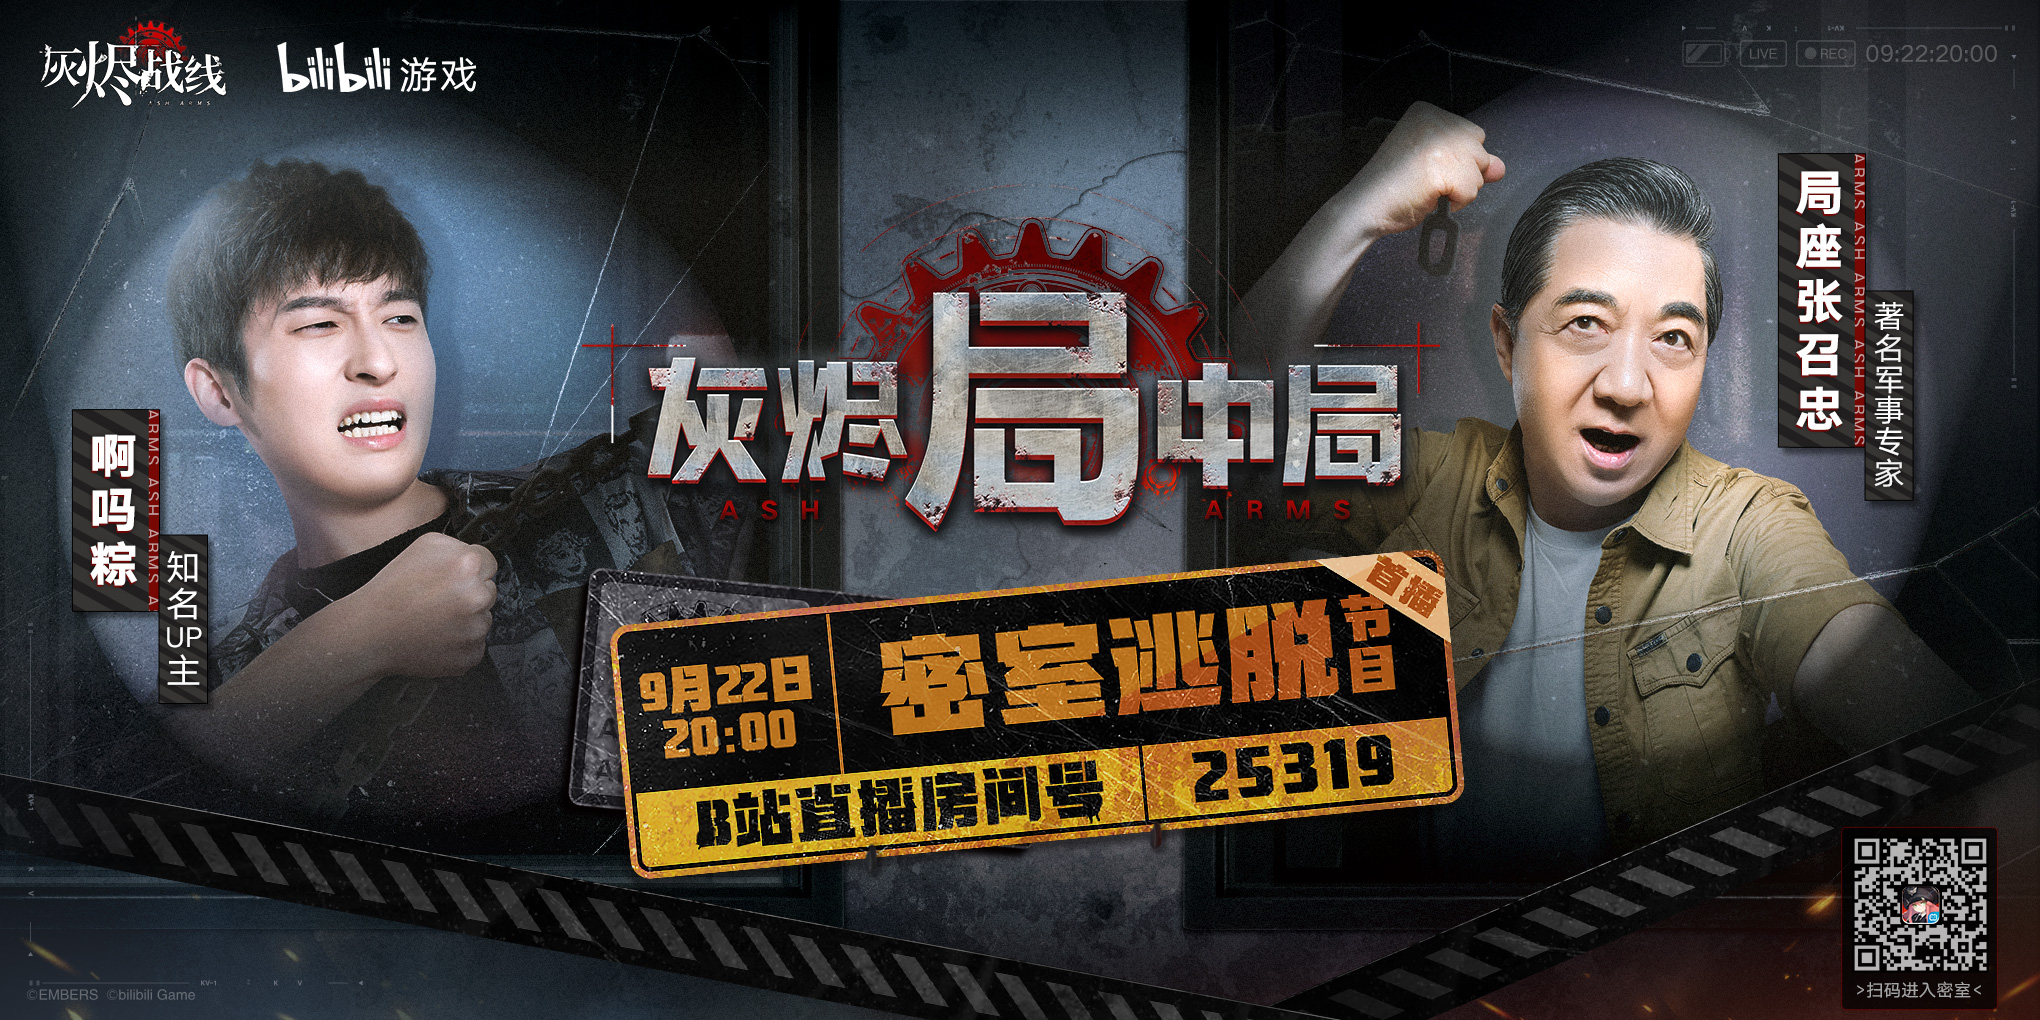 B站要出密室逃脱综艺了?锁定9月22日《灰烬局中